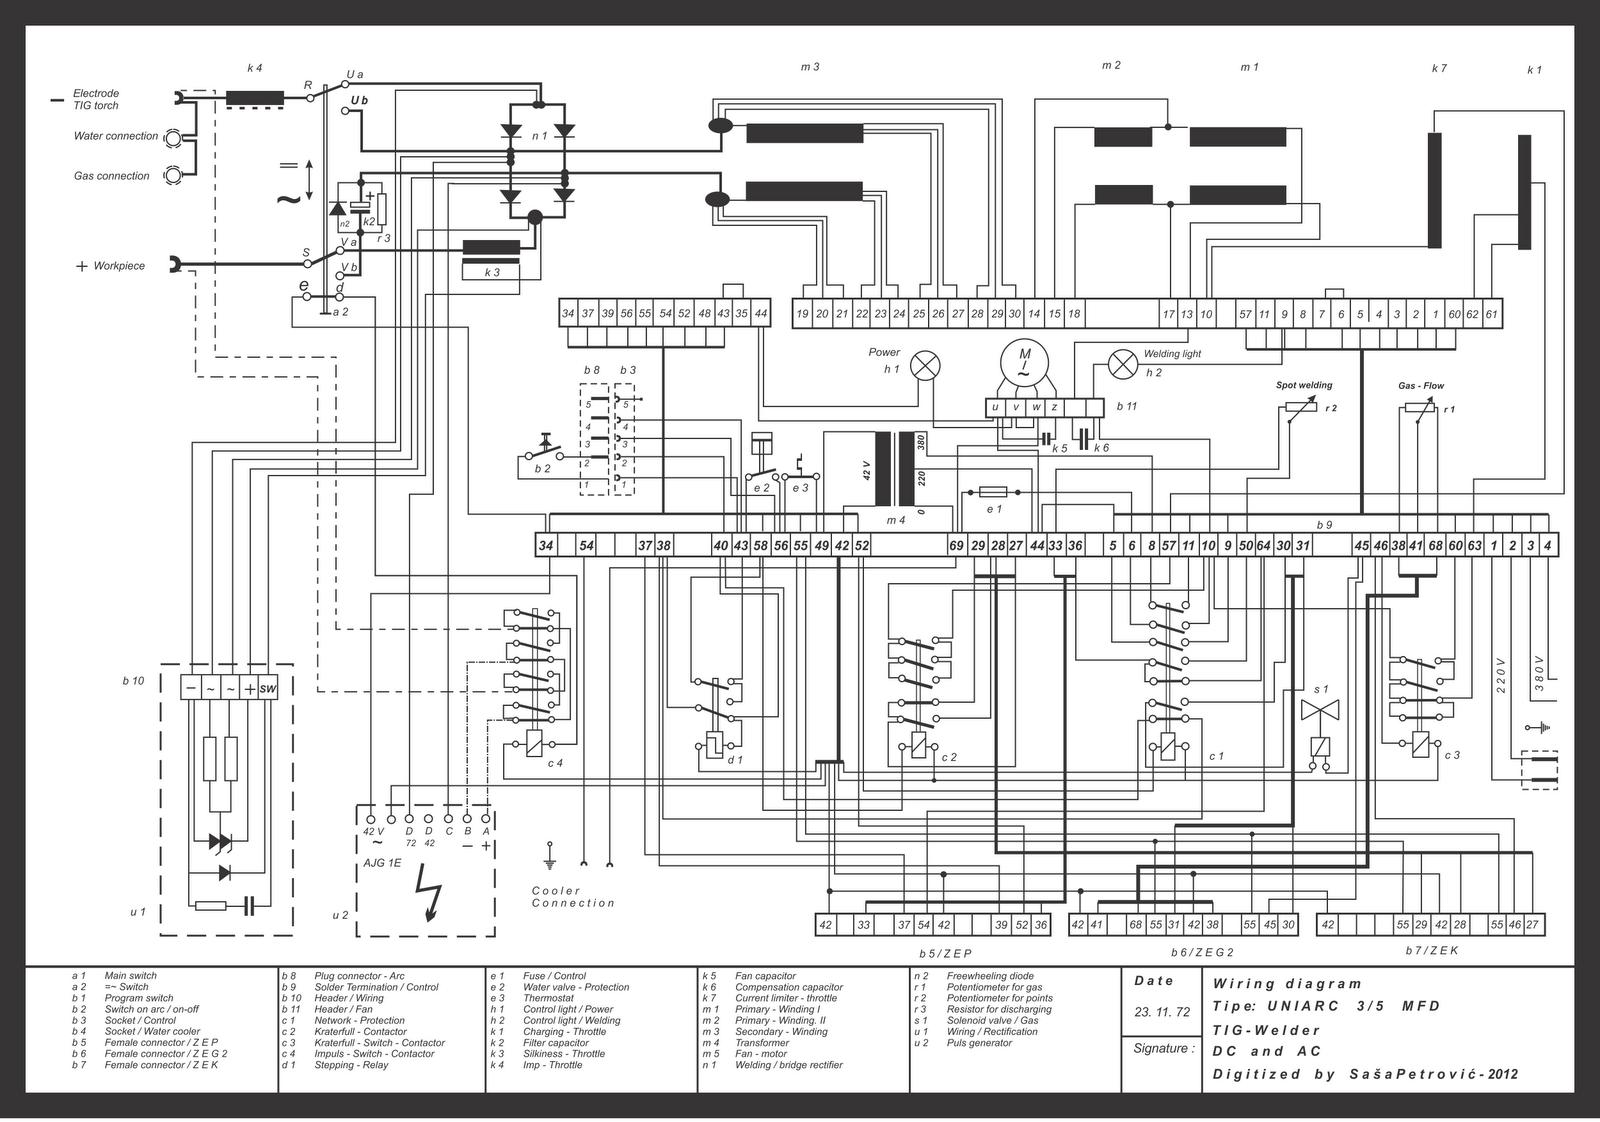 tig welding part diagram [ 1600 x 1122 Pixel ]